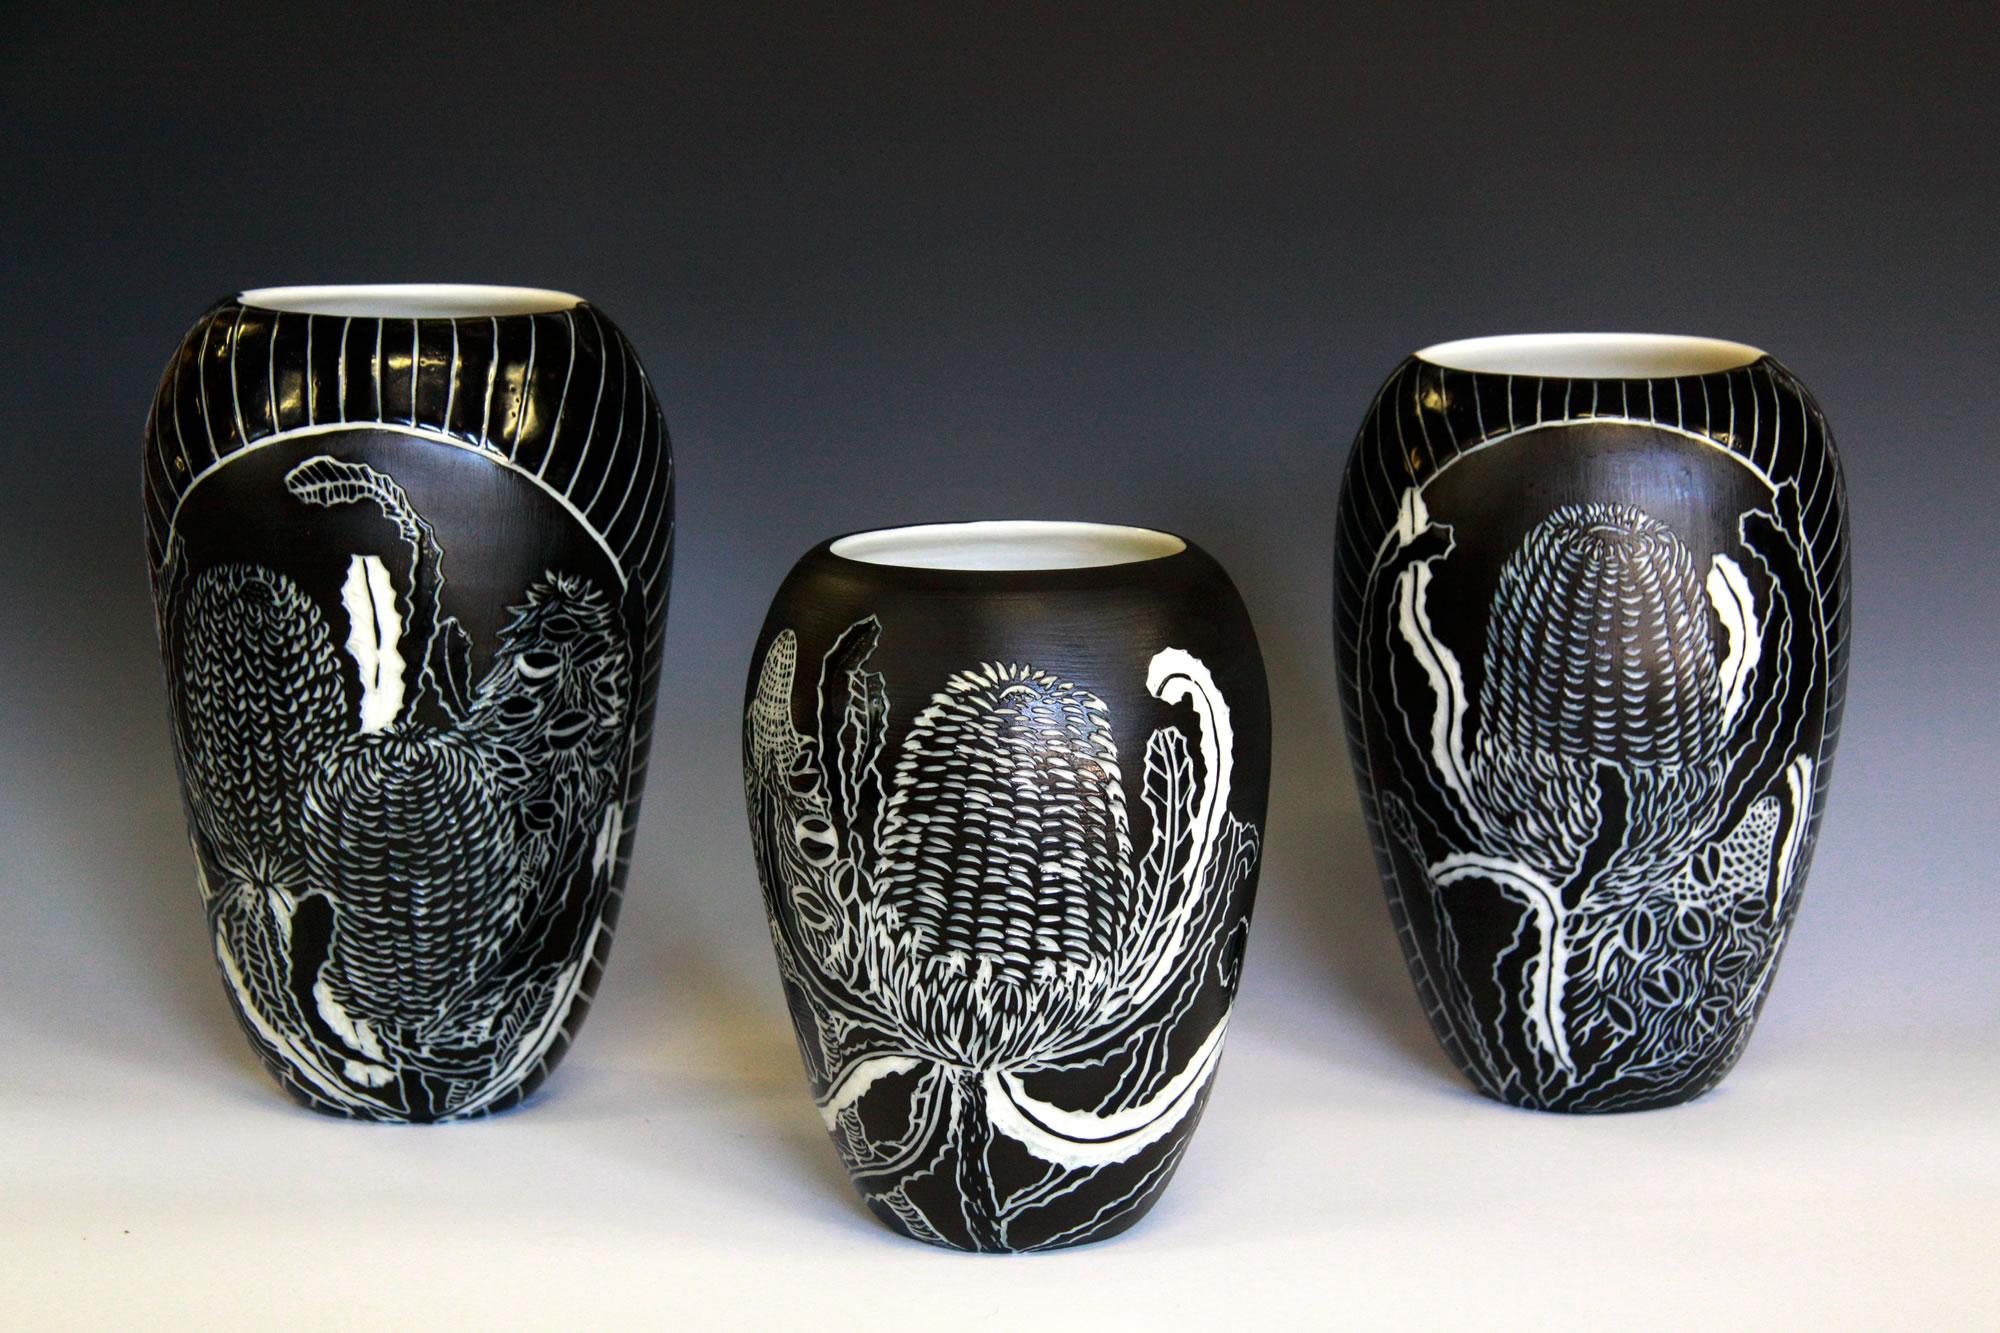 Black and White Sgraffito Banksia Vases